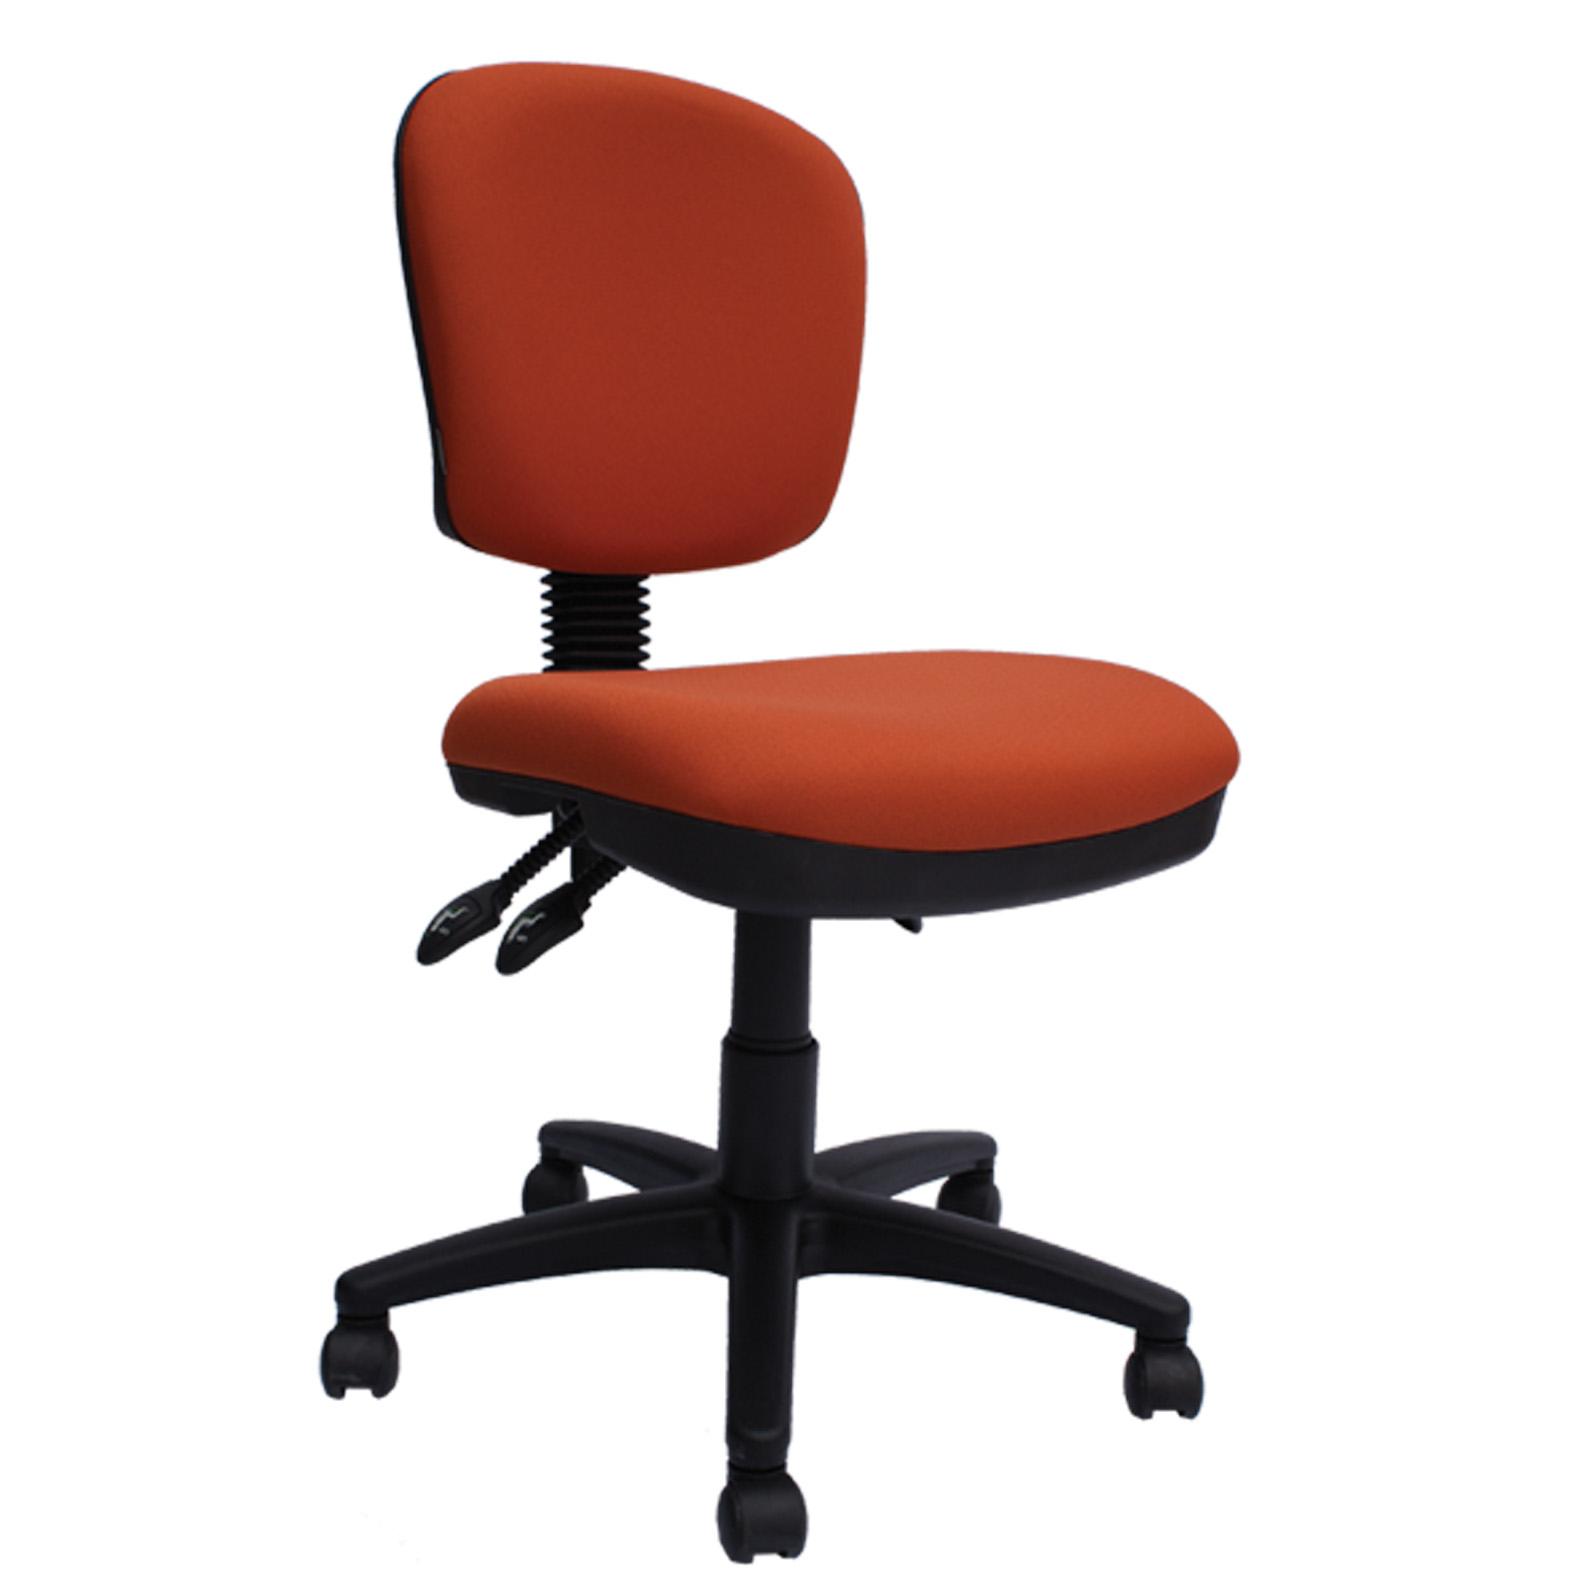 Silla secretarial 524 grupo meta soluciones de limpieza for Sillas de oficina ofertas